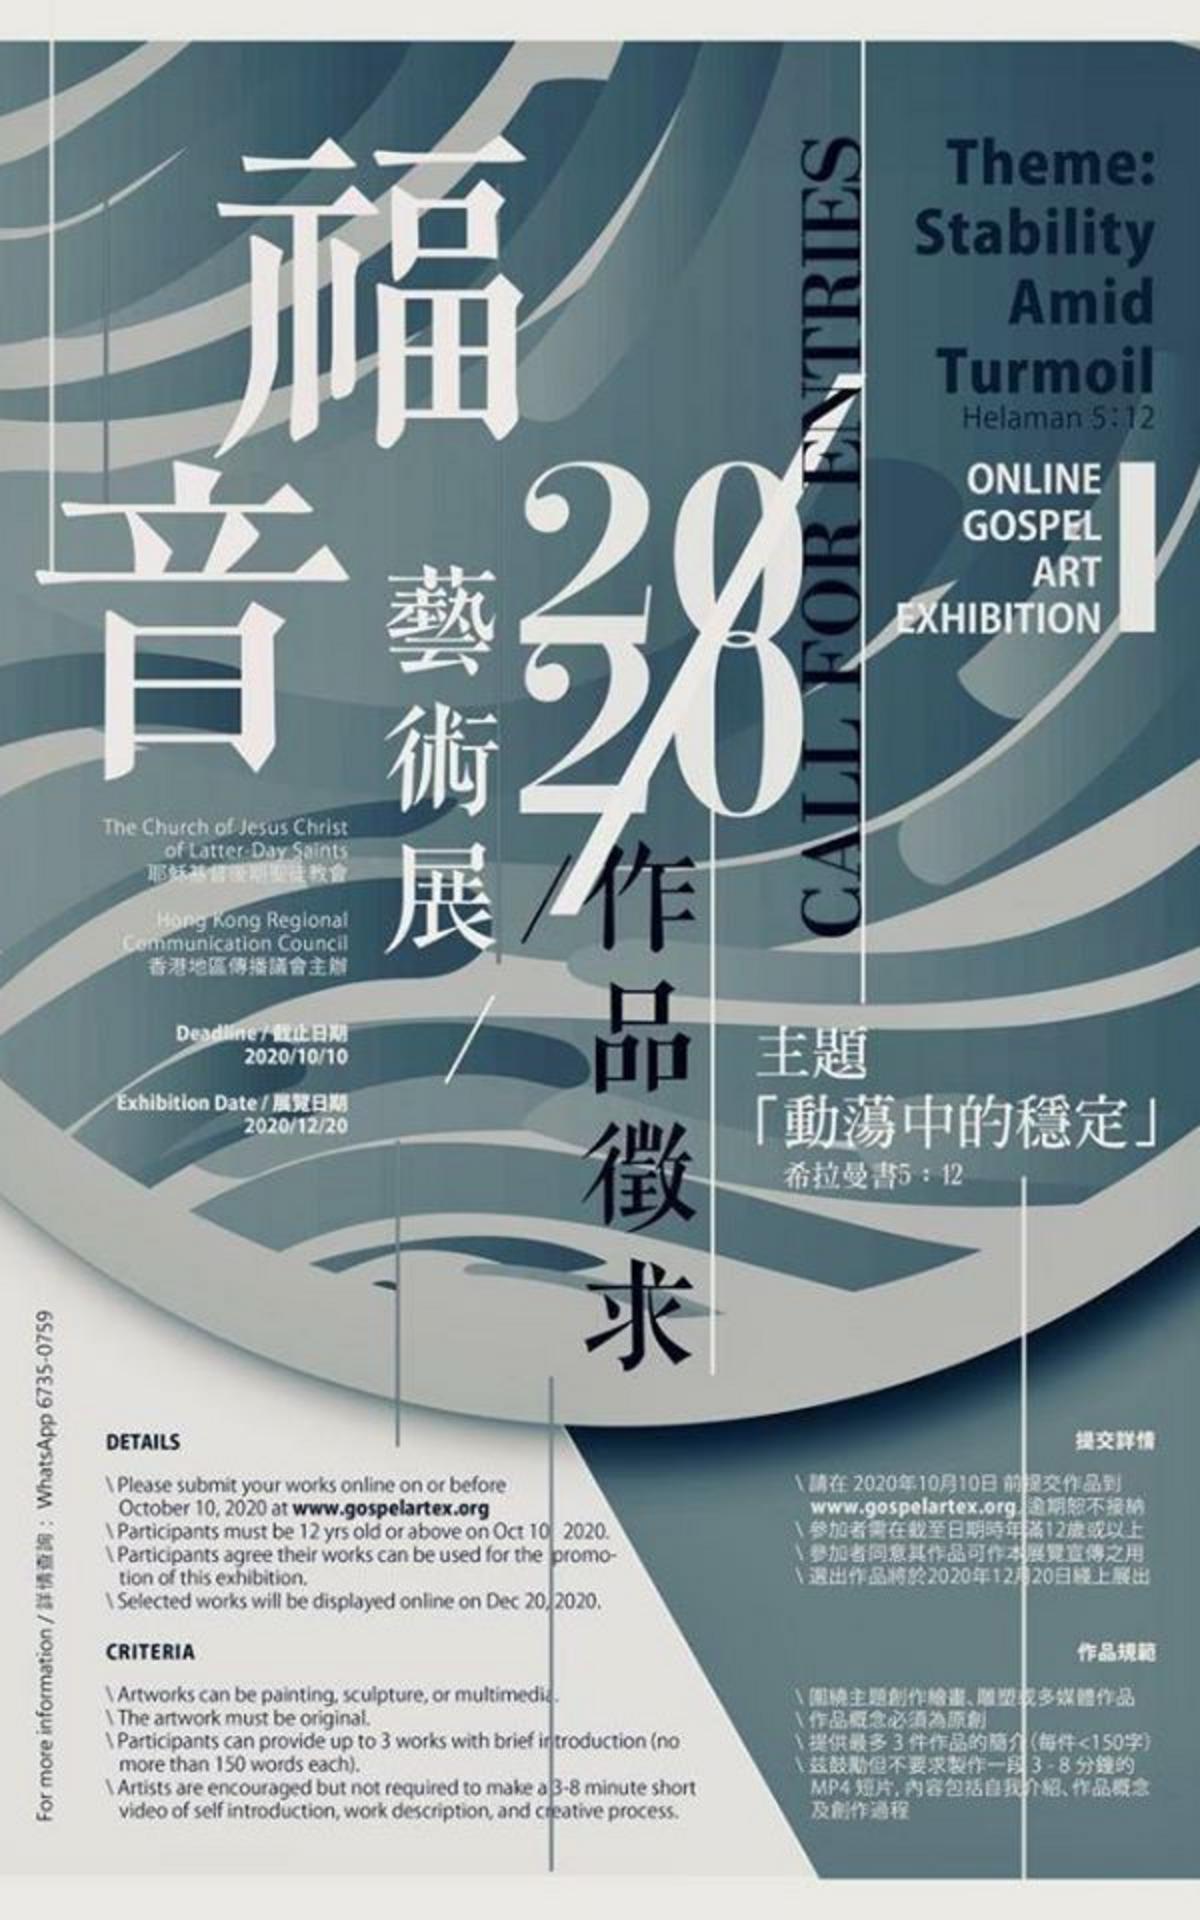 福音藝術展 2020「動盪中的穩定」